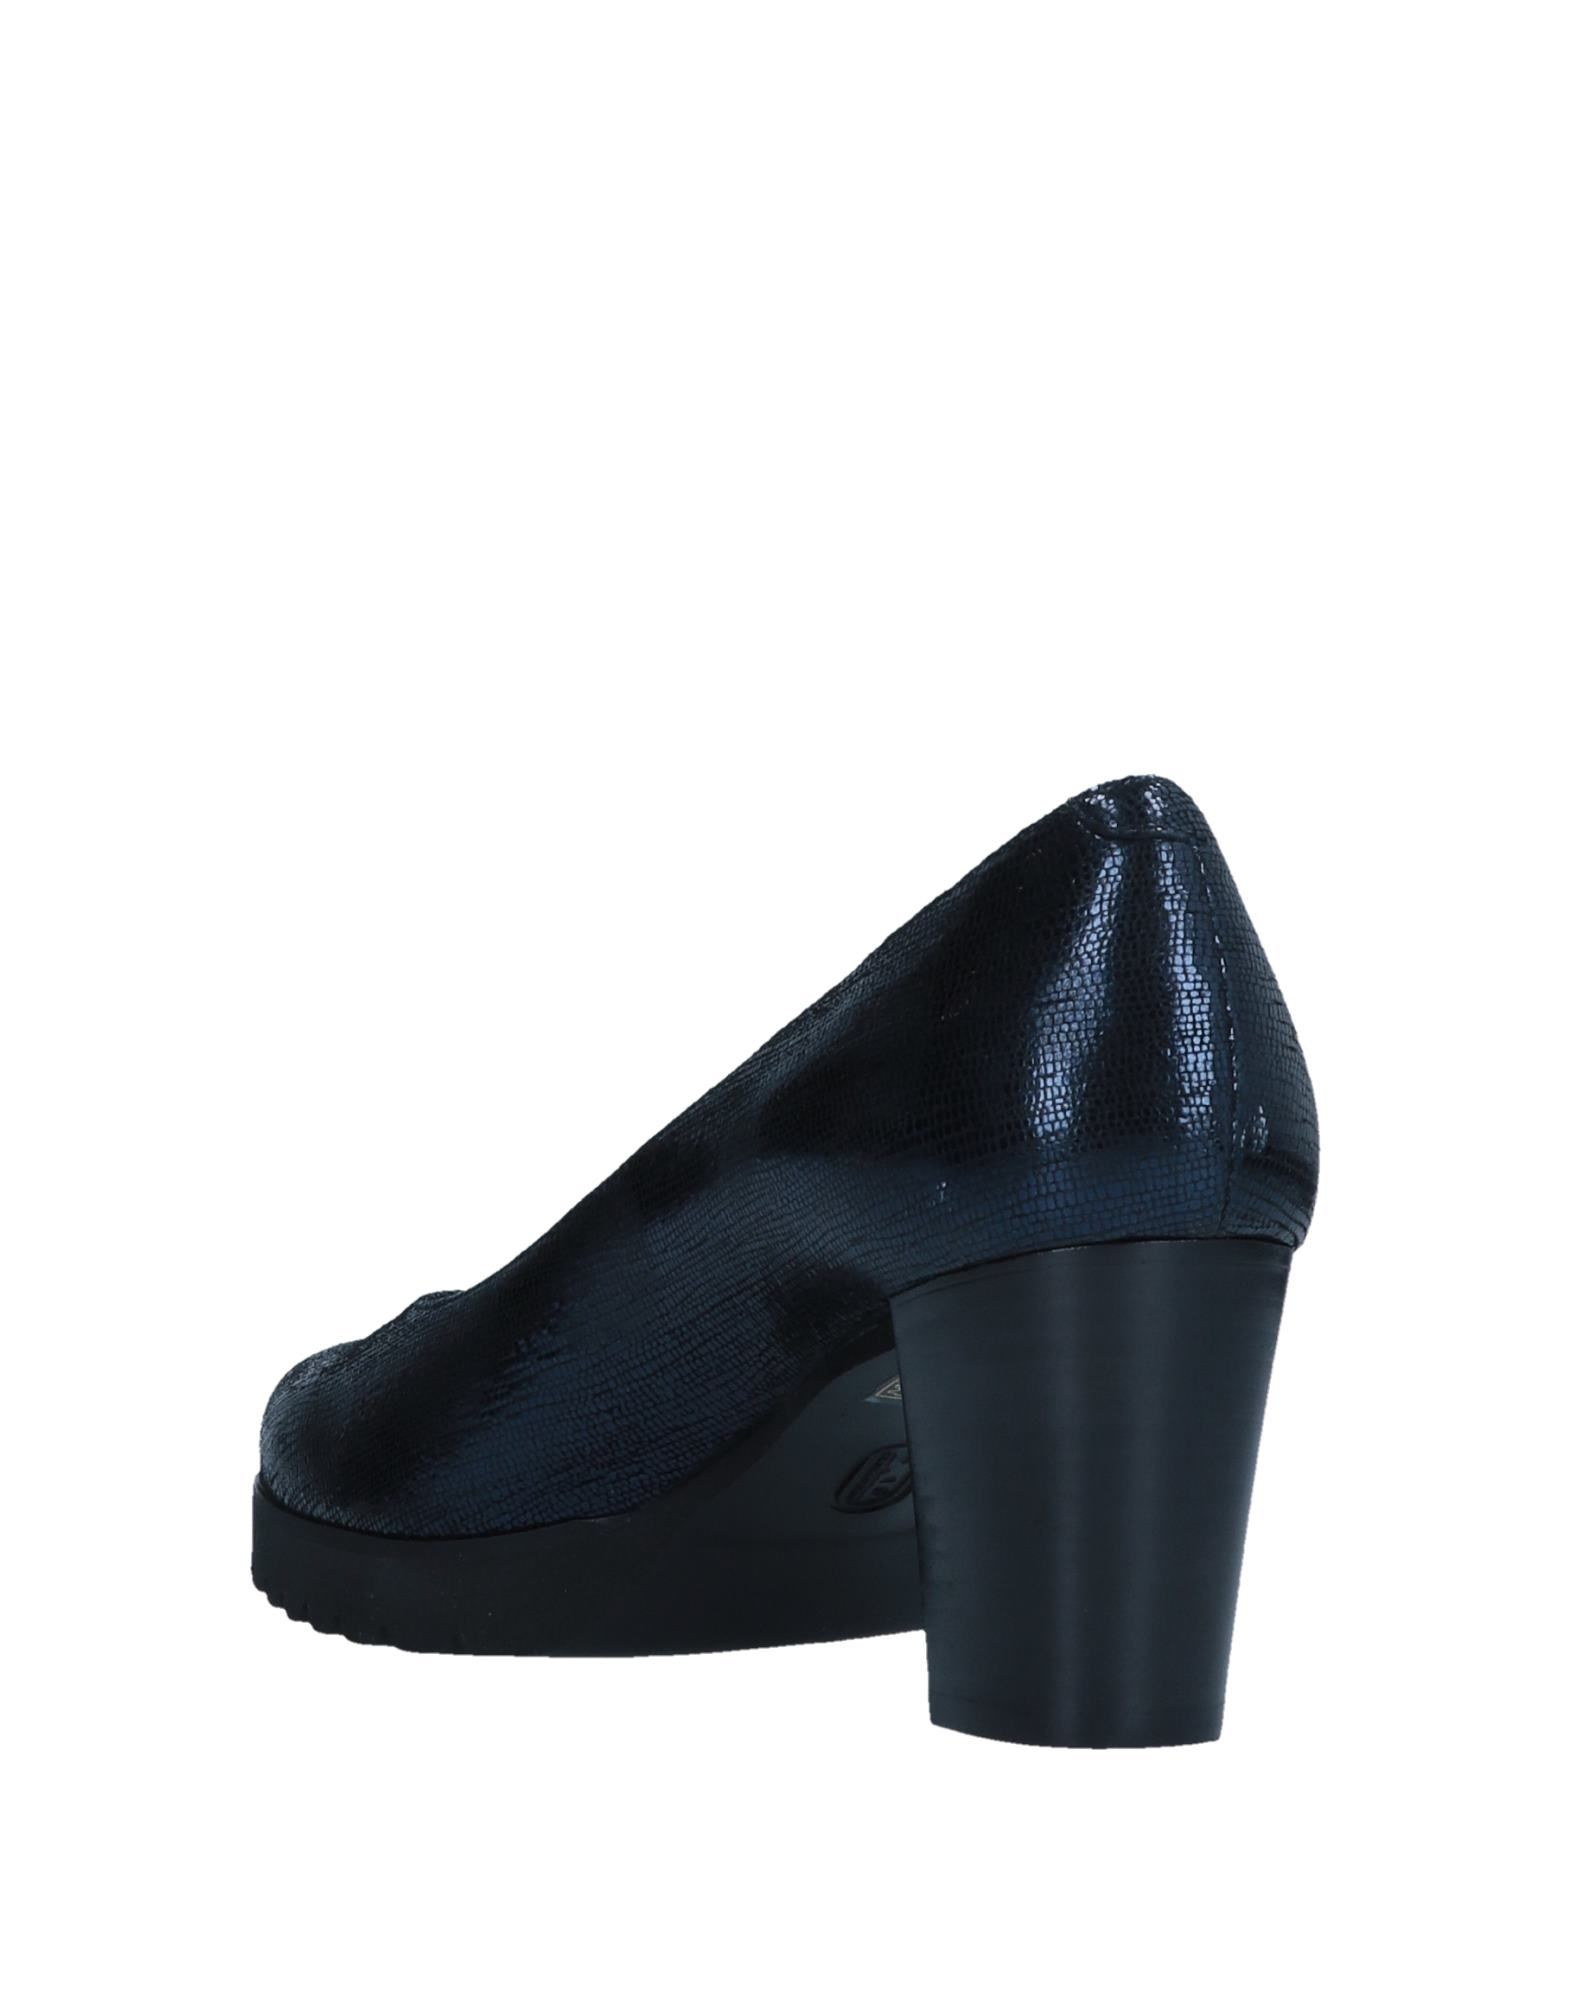 Luca Grossi Gute Pumps Damen  11552287GT Gute Grossi Qualität beliebte Schuhe 0ade8c